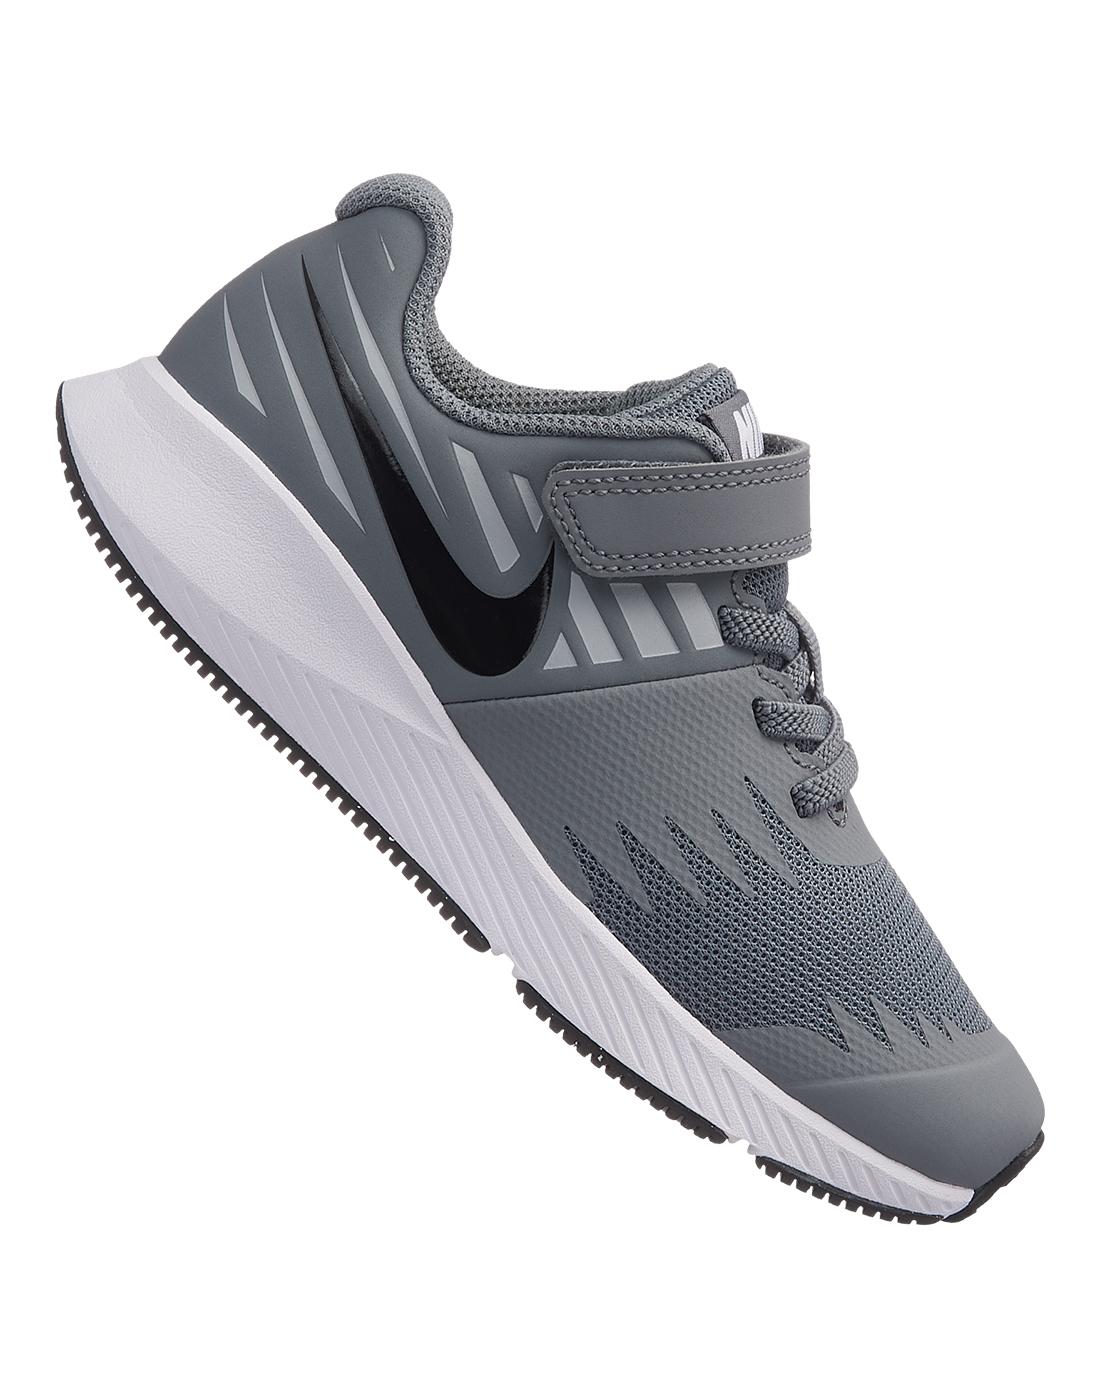 Nike Younger Kids Star Runner  bb4cabbf7